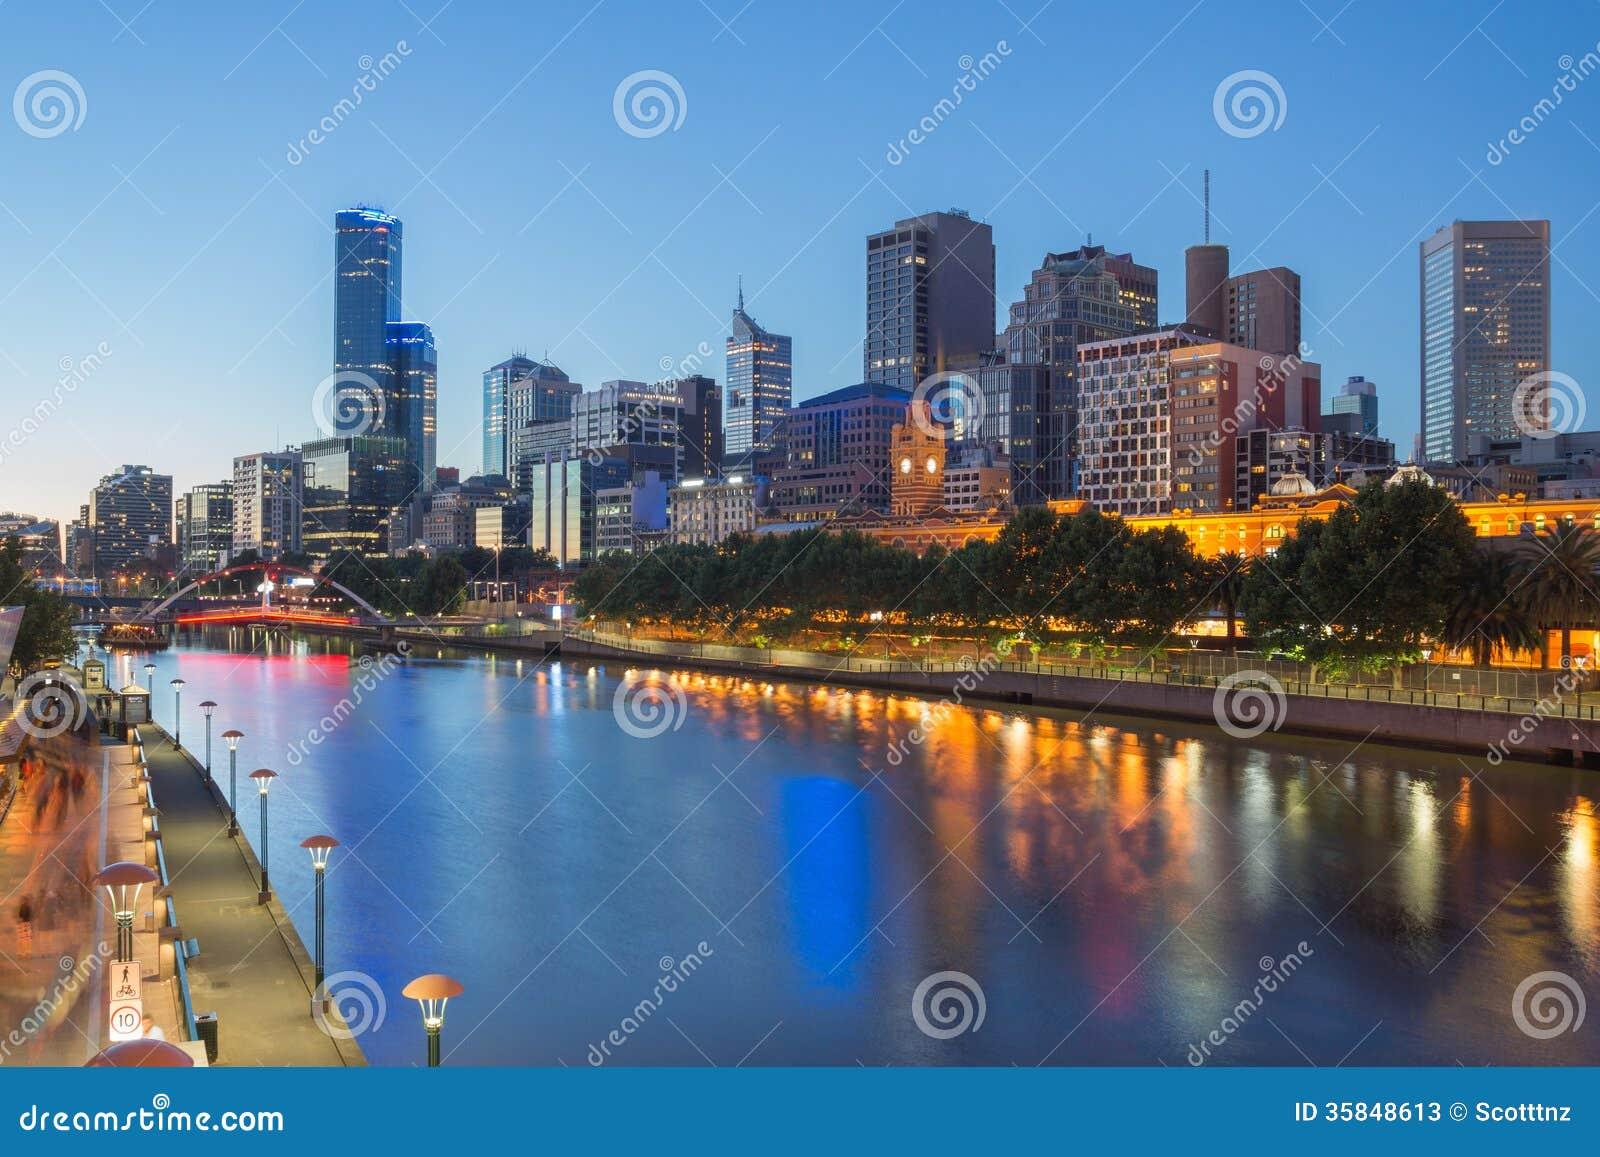 Date night austin in Melbourne